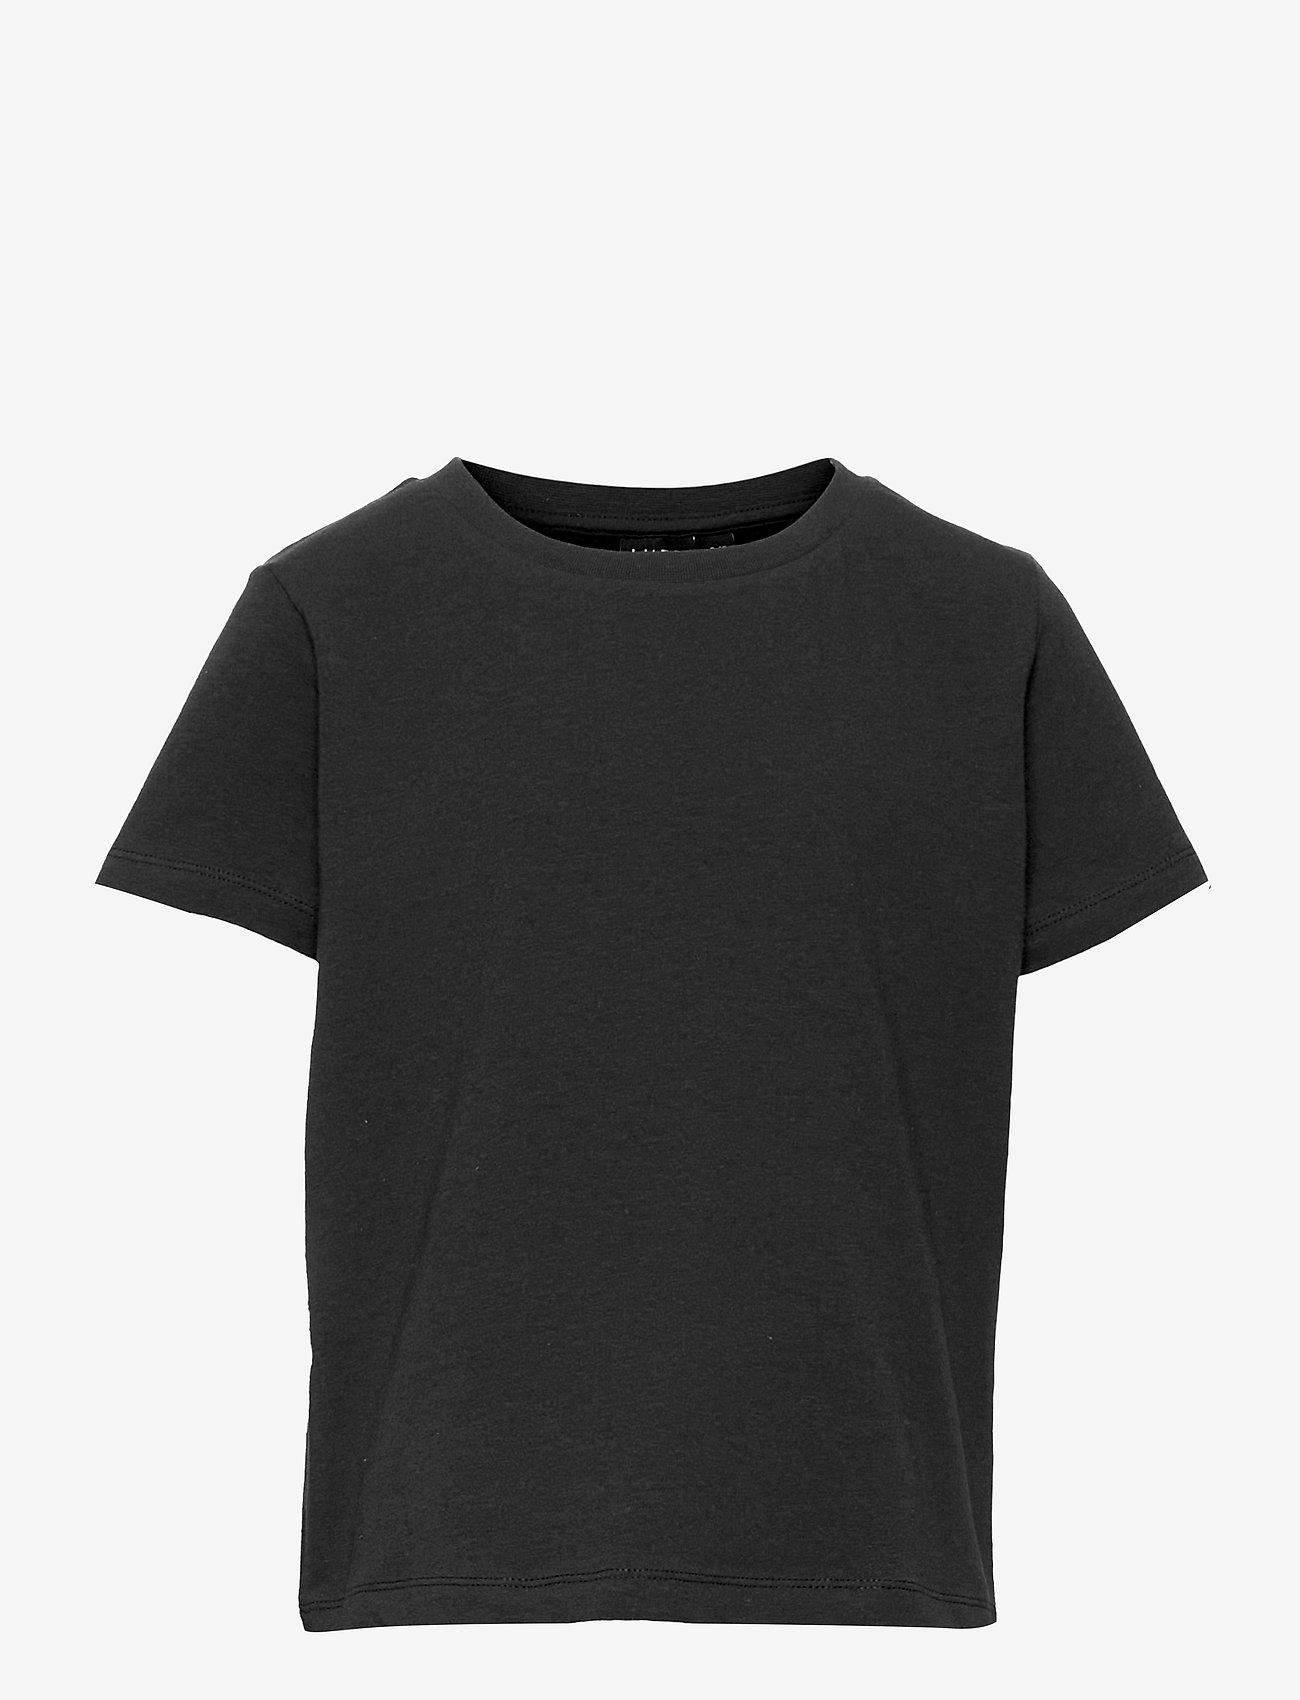 LMTD - NLFOPALLI SS S TOP - t-shirts - black - 0